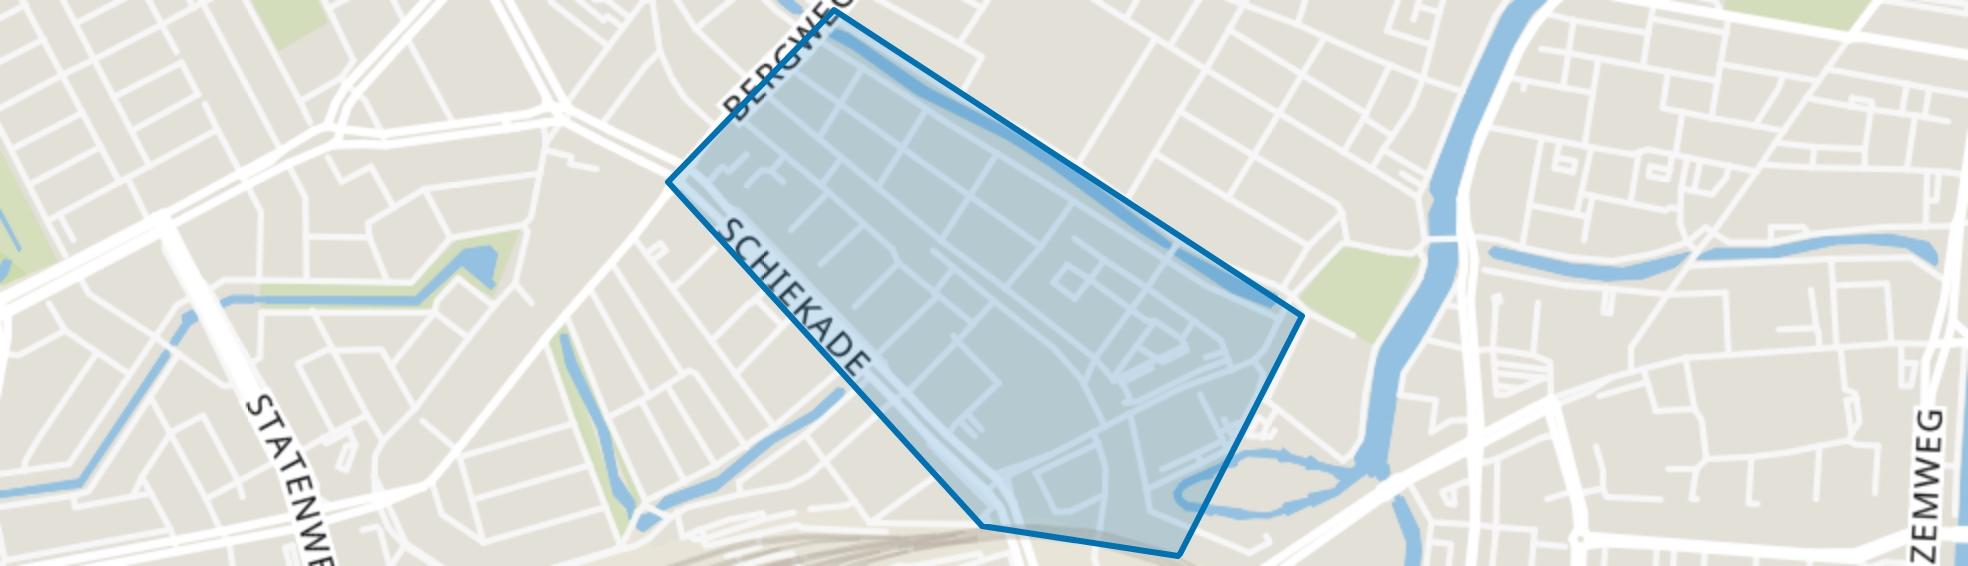 Agniesebuurt, Rotterdam map